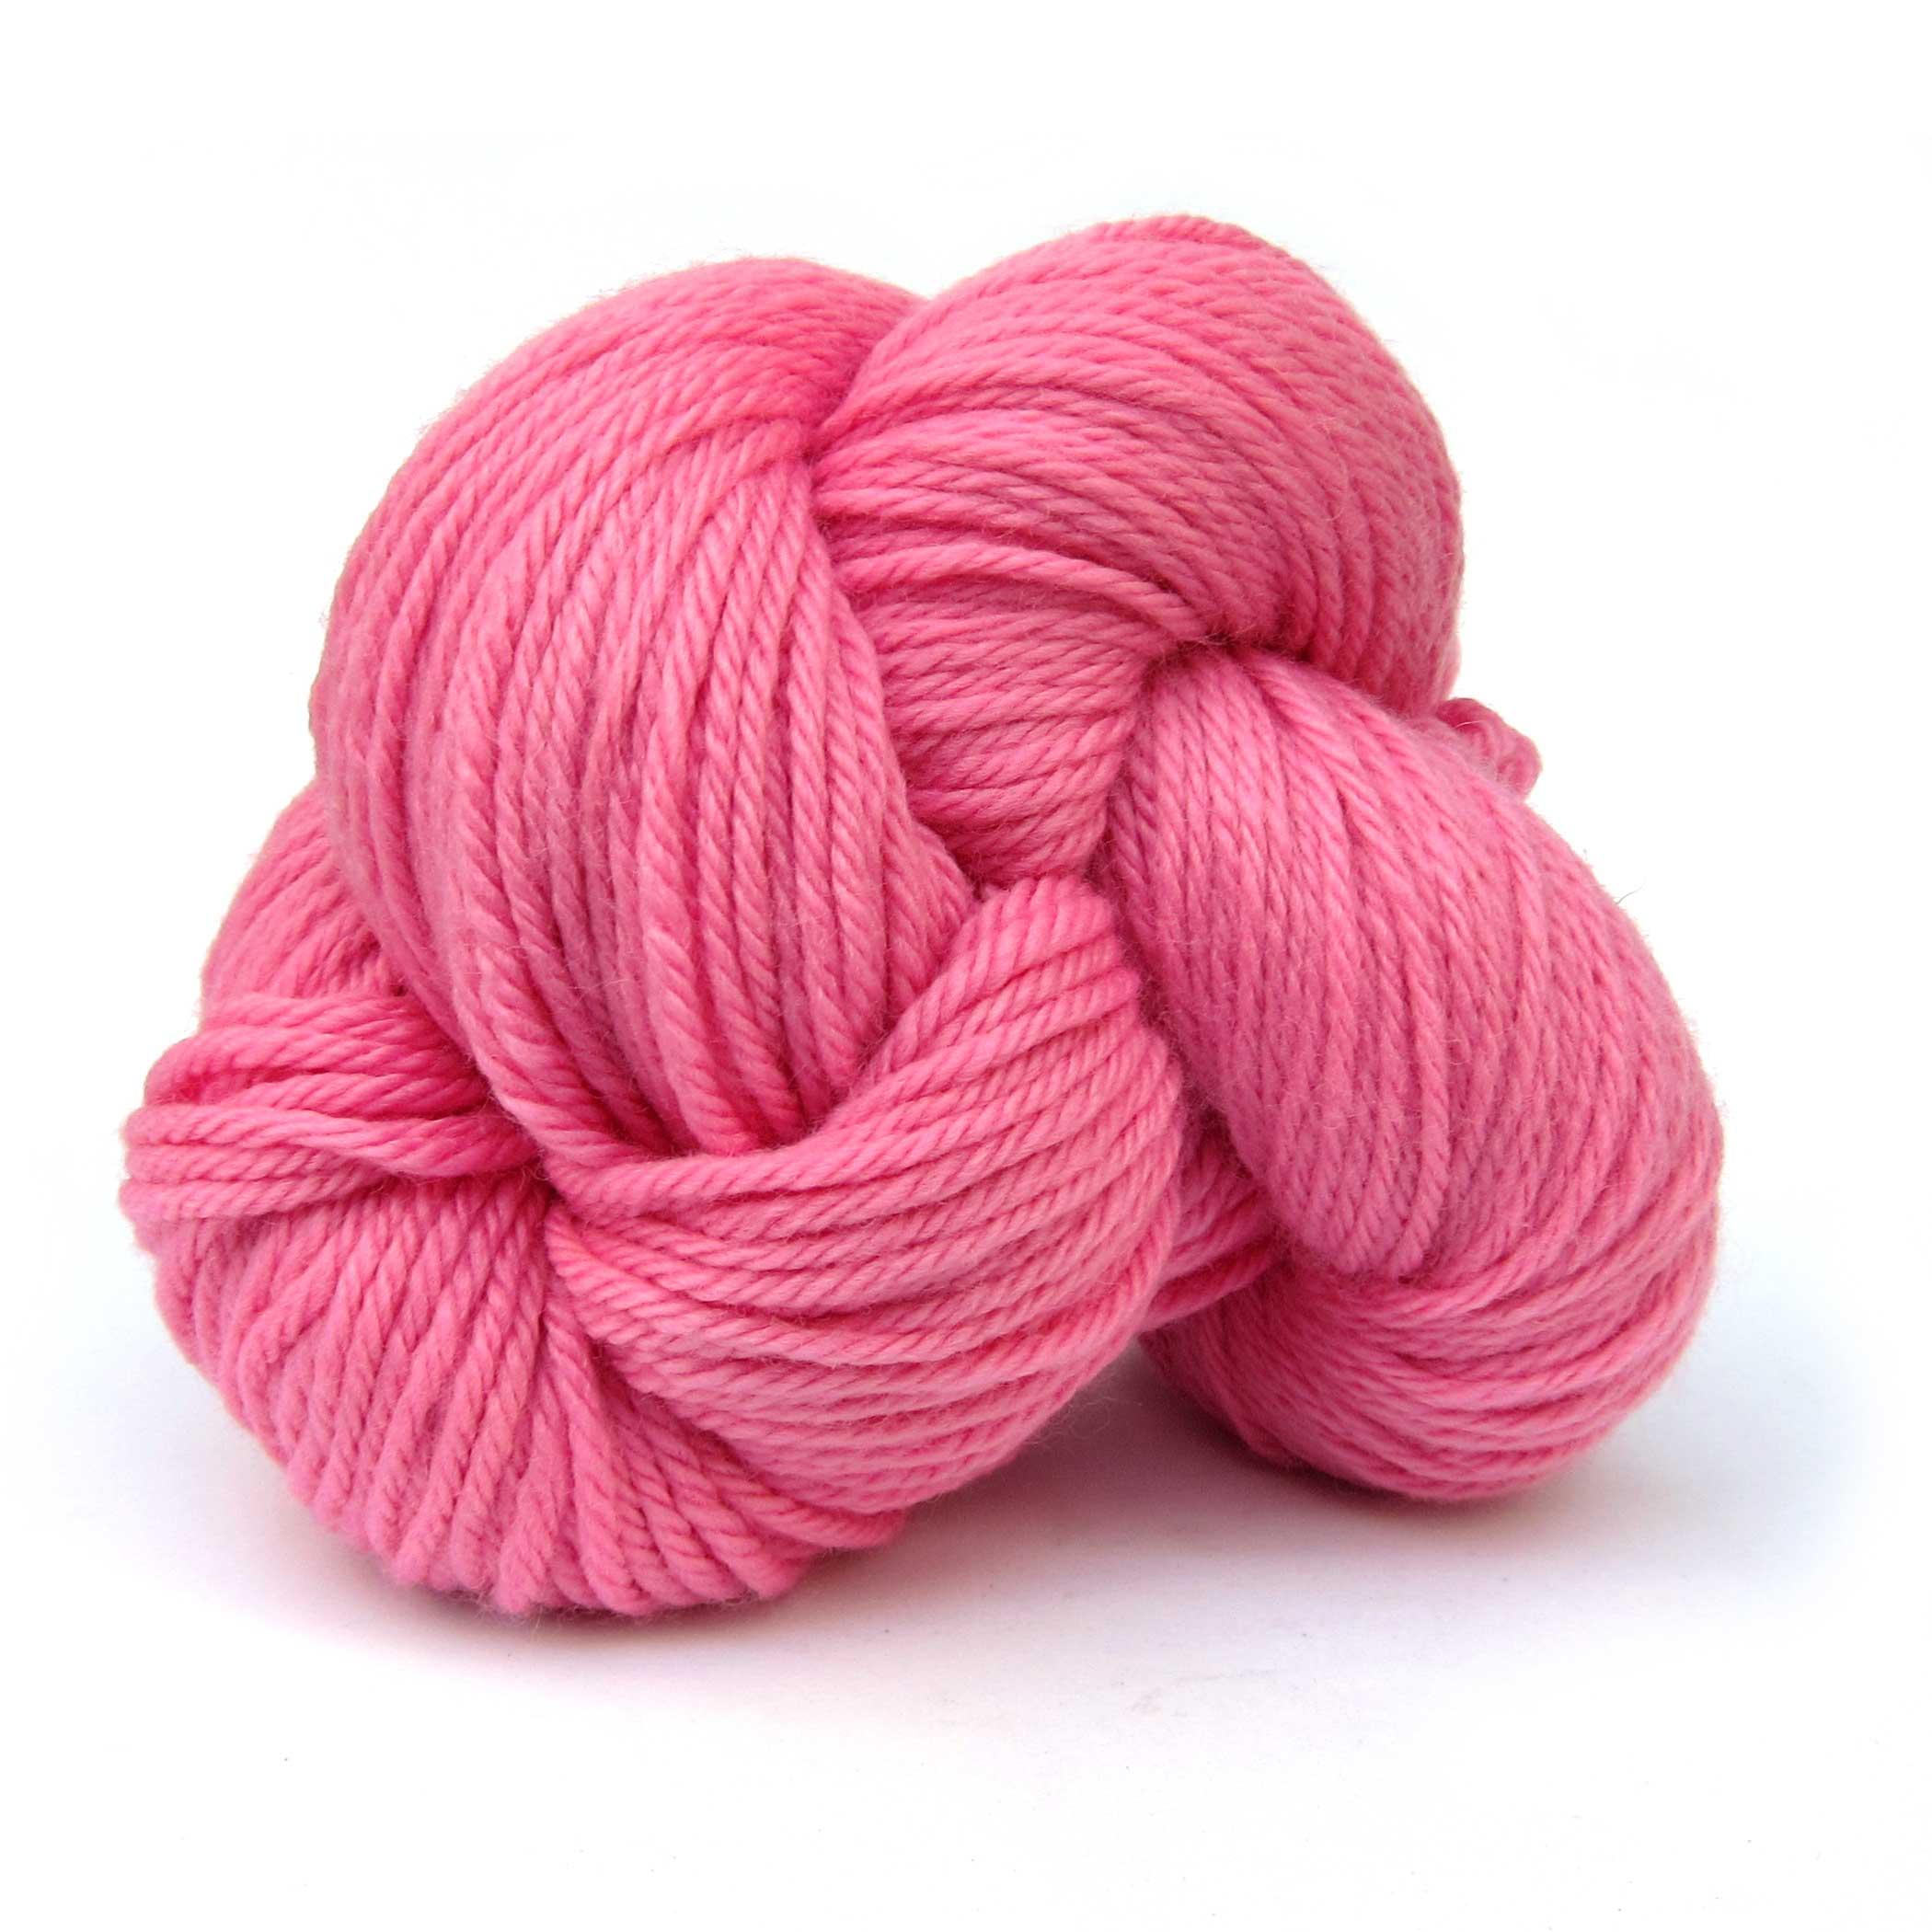 Petunia Louet Gems 100% Merino Superwash Yarn